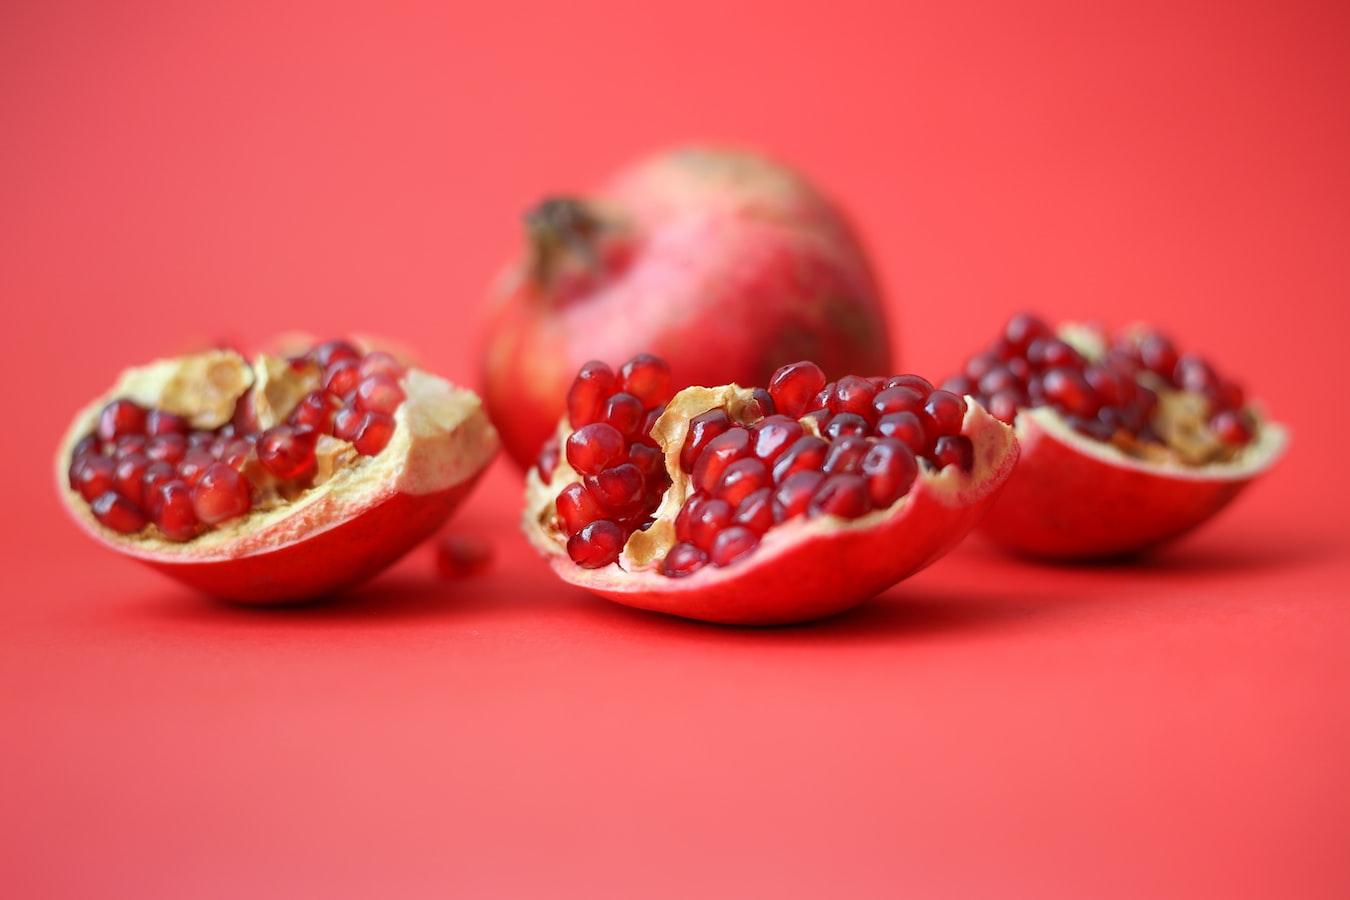 養顏美容還能調節賀爾蒙!女性必吃石榴等3好食補充雌激素